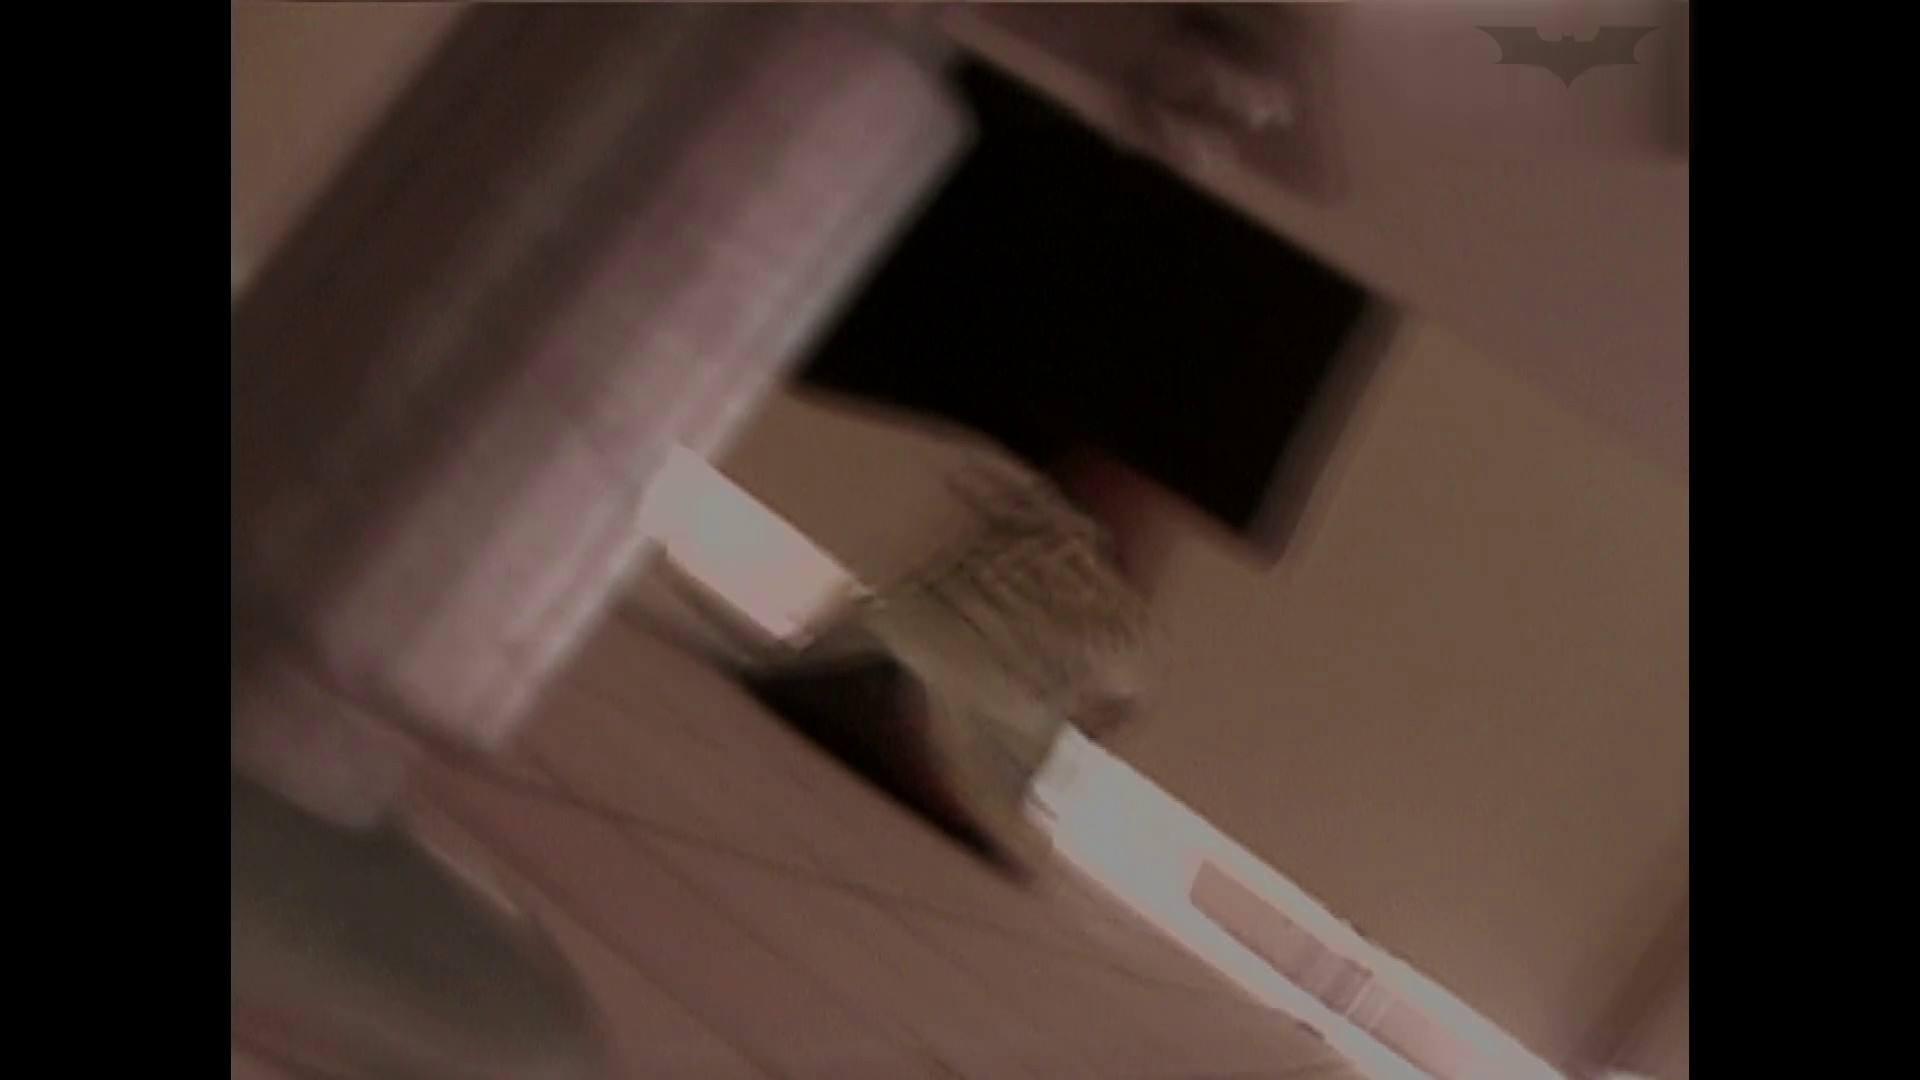 ●生マンコ綺麗にツルぴかですね 期間限定神キタ!ツルピカの放nyo!Vol.20 うんこ好き   期間限定  62連発 2